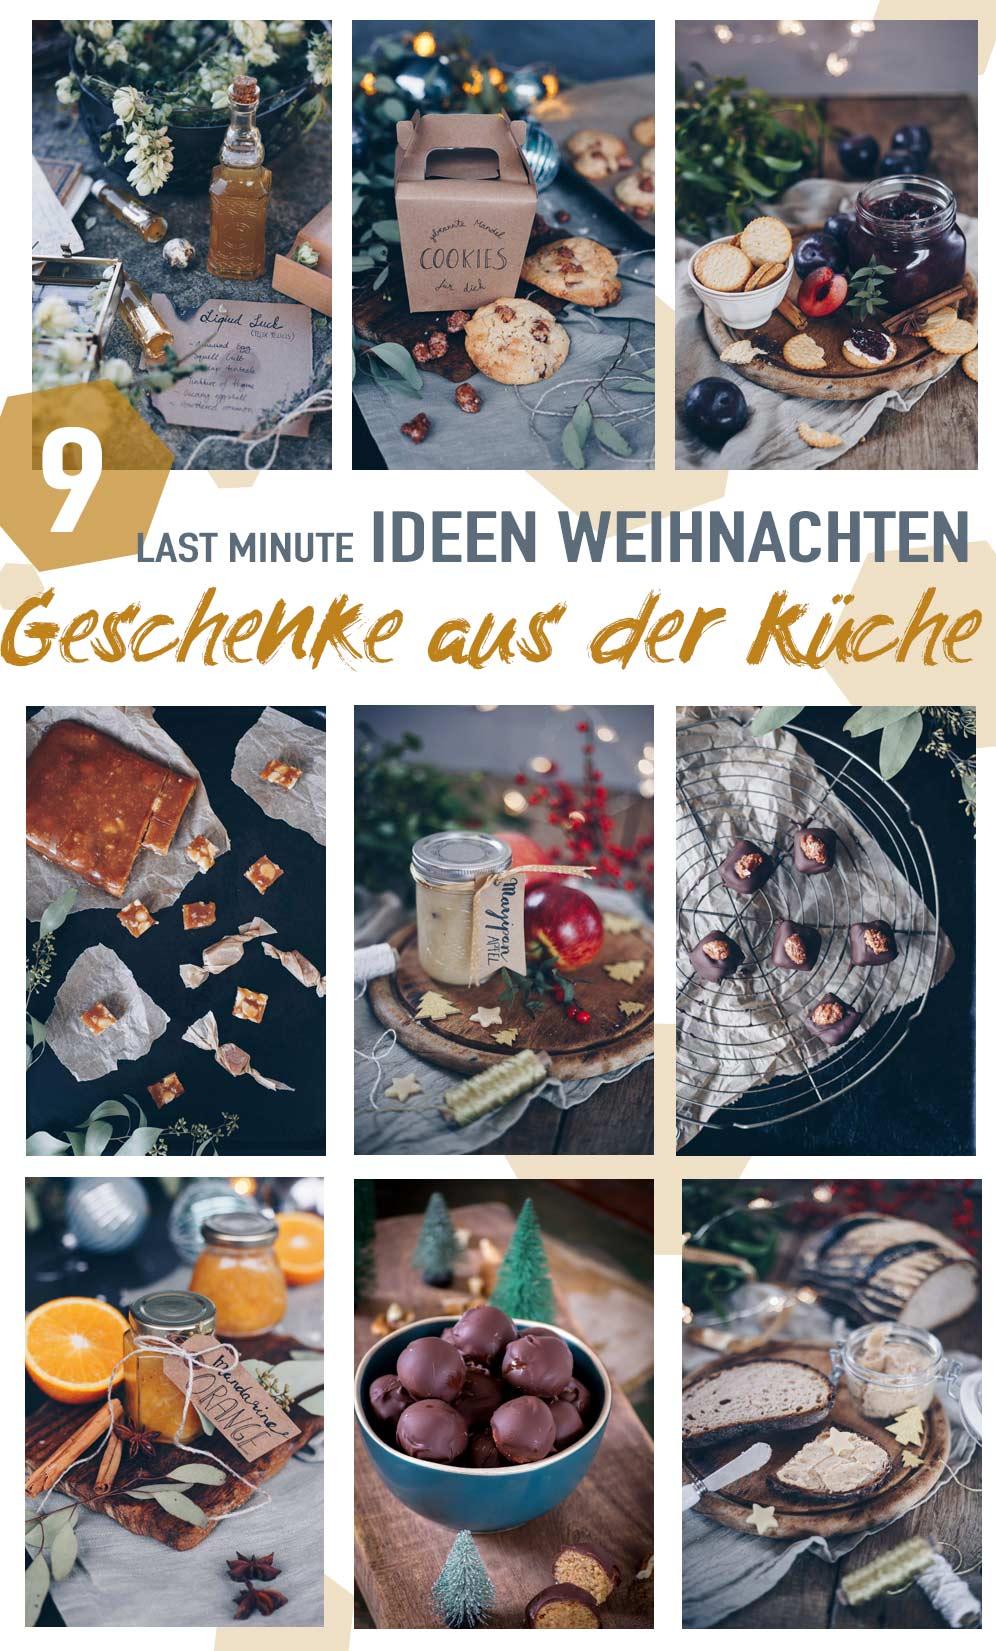 9 DIY last minute Geschenkideen aus der Küche selbermachen - Weihnachtsgeschenkideen oder Mitbringsel aus der Küche oder zum Verschicken